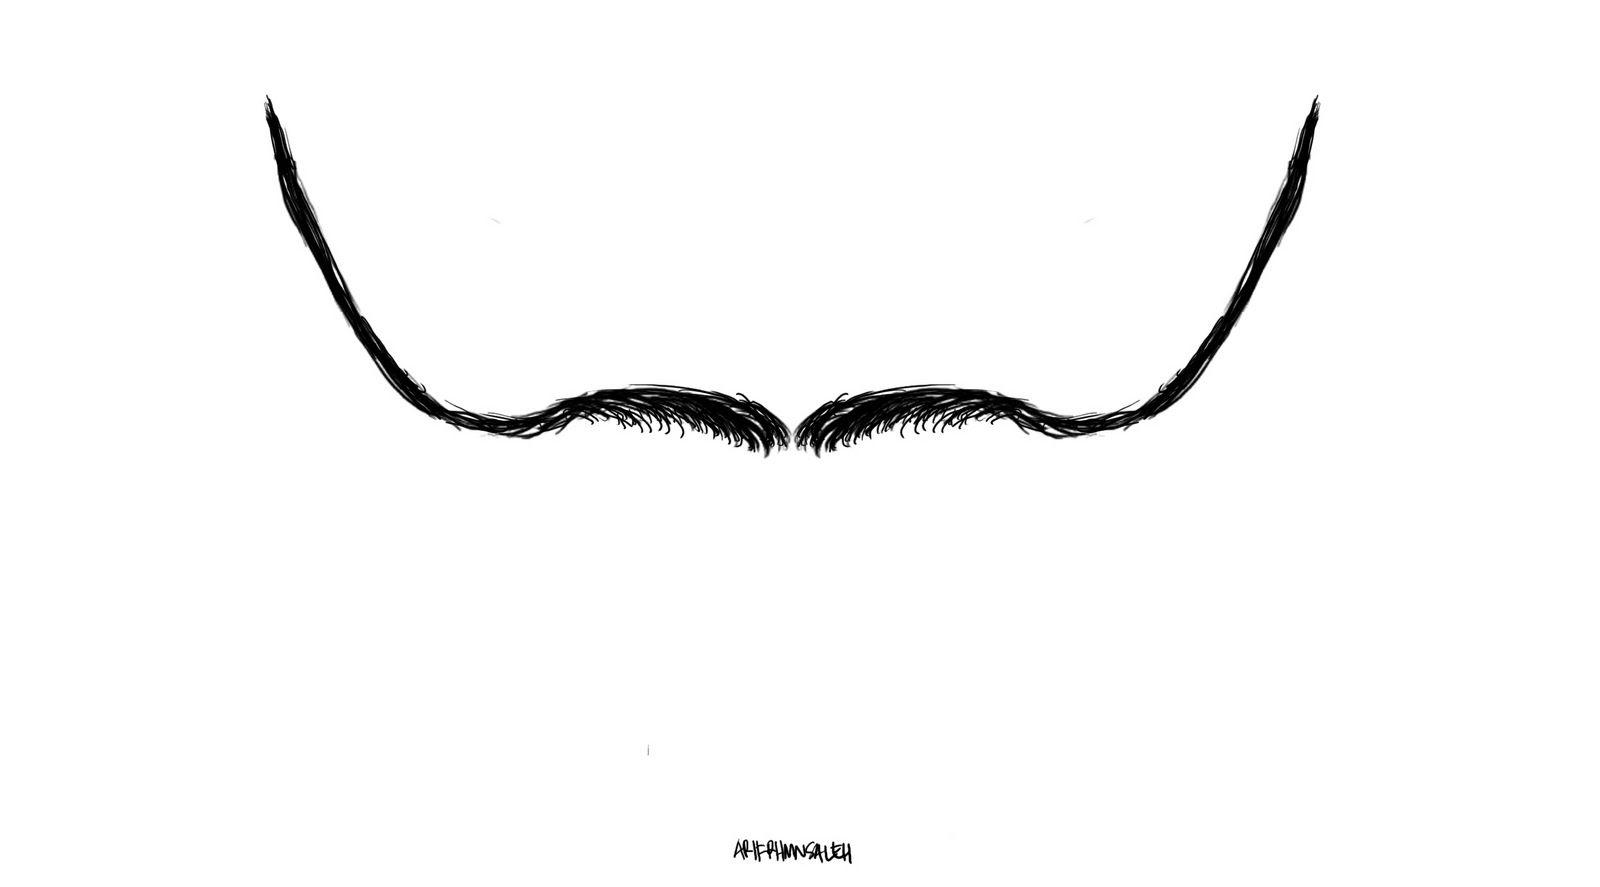 Mustache Image By Ramone Fernanda